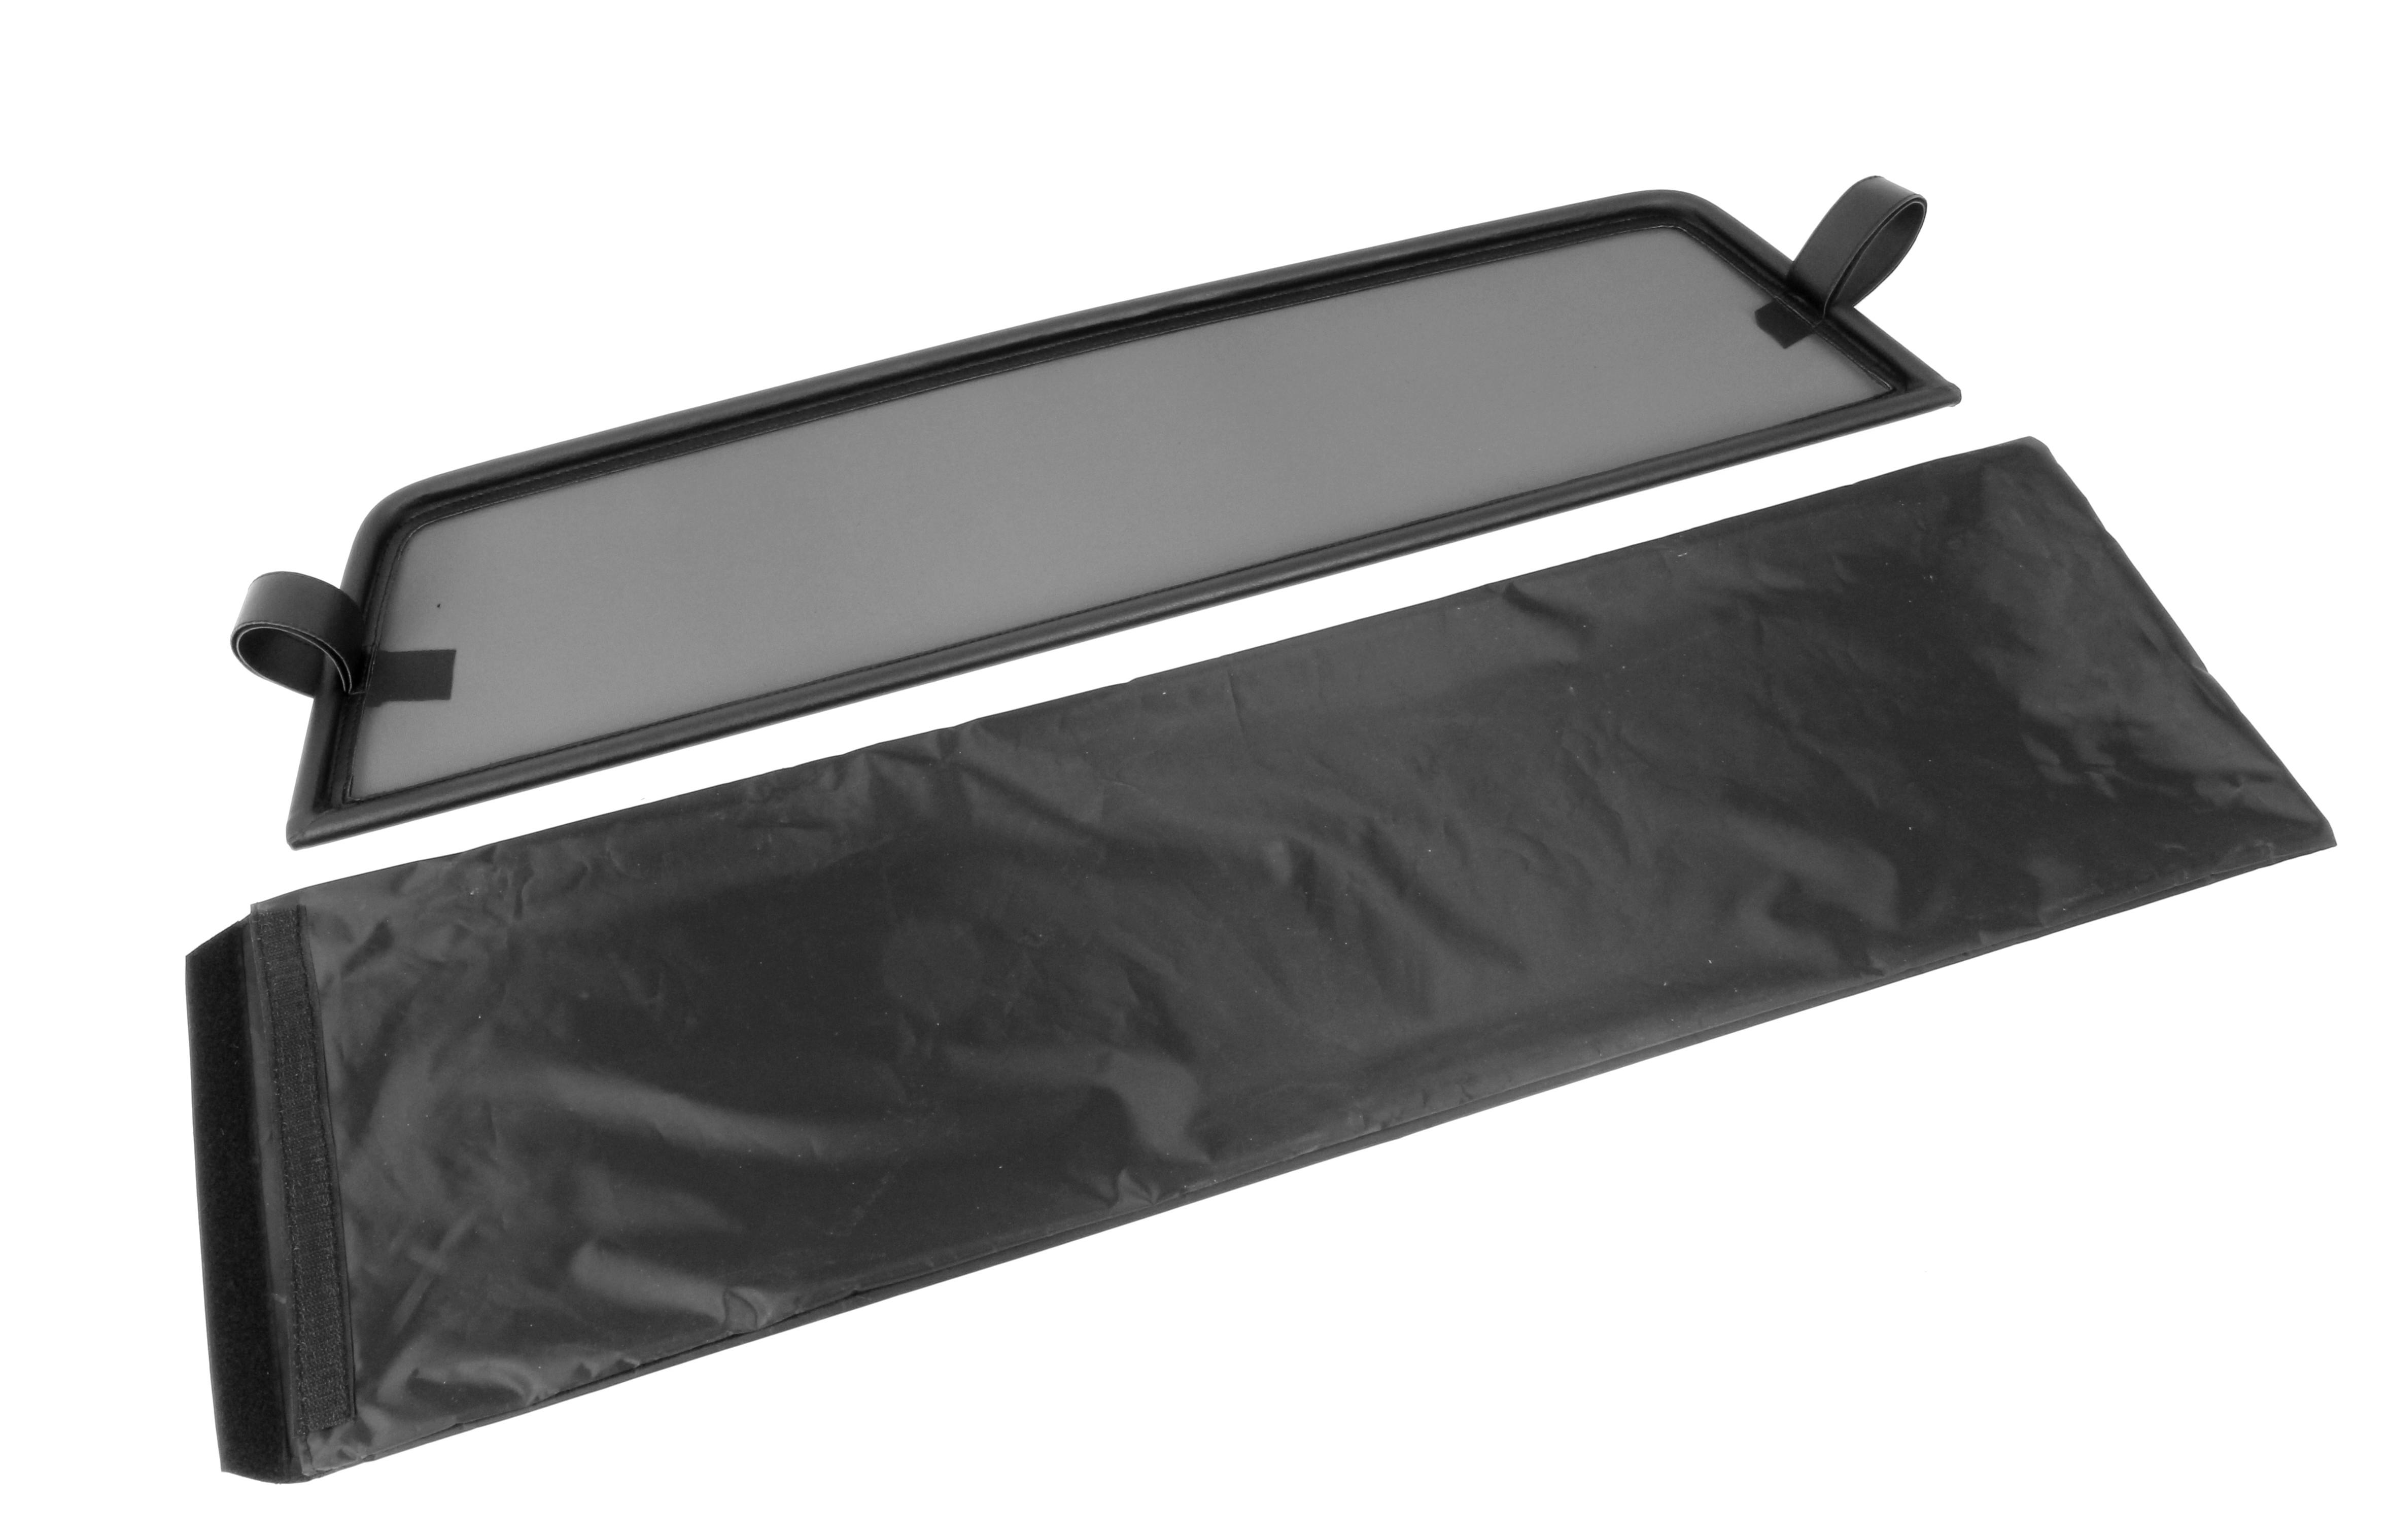 mazda mx 5 nd mazda windschotts. Black Bedroom Furniture Sets. Home Design Ideas